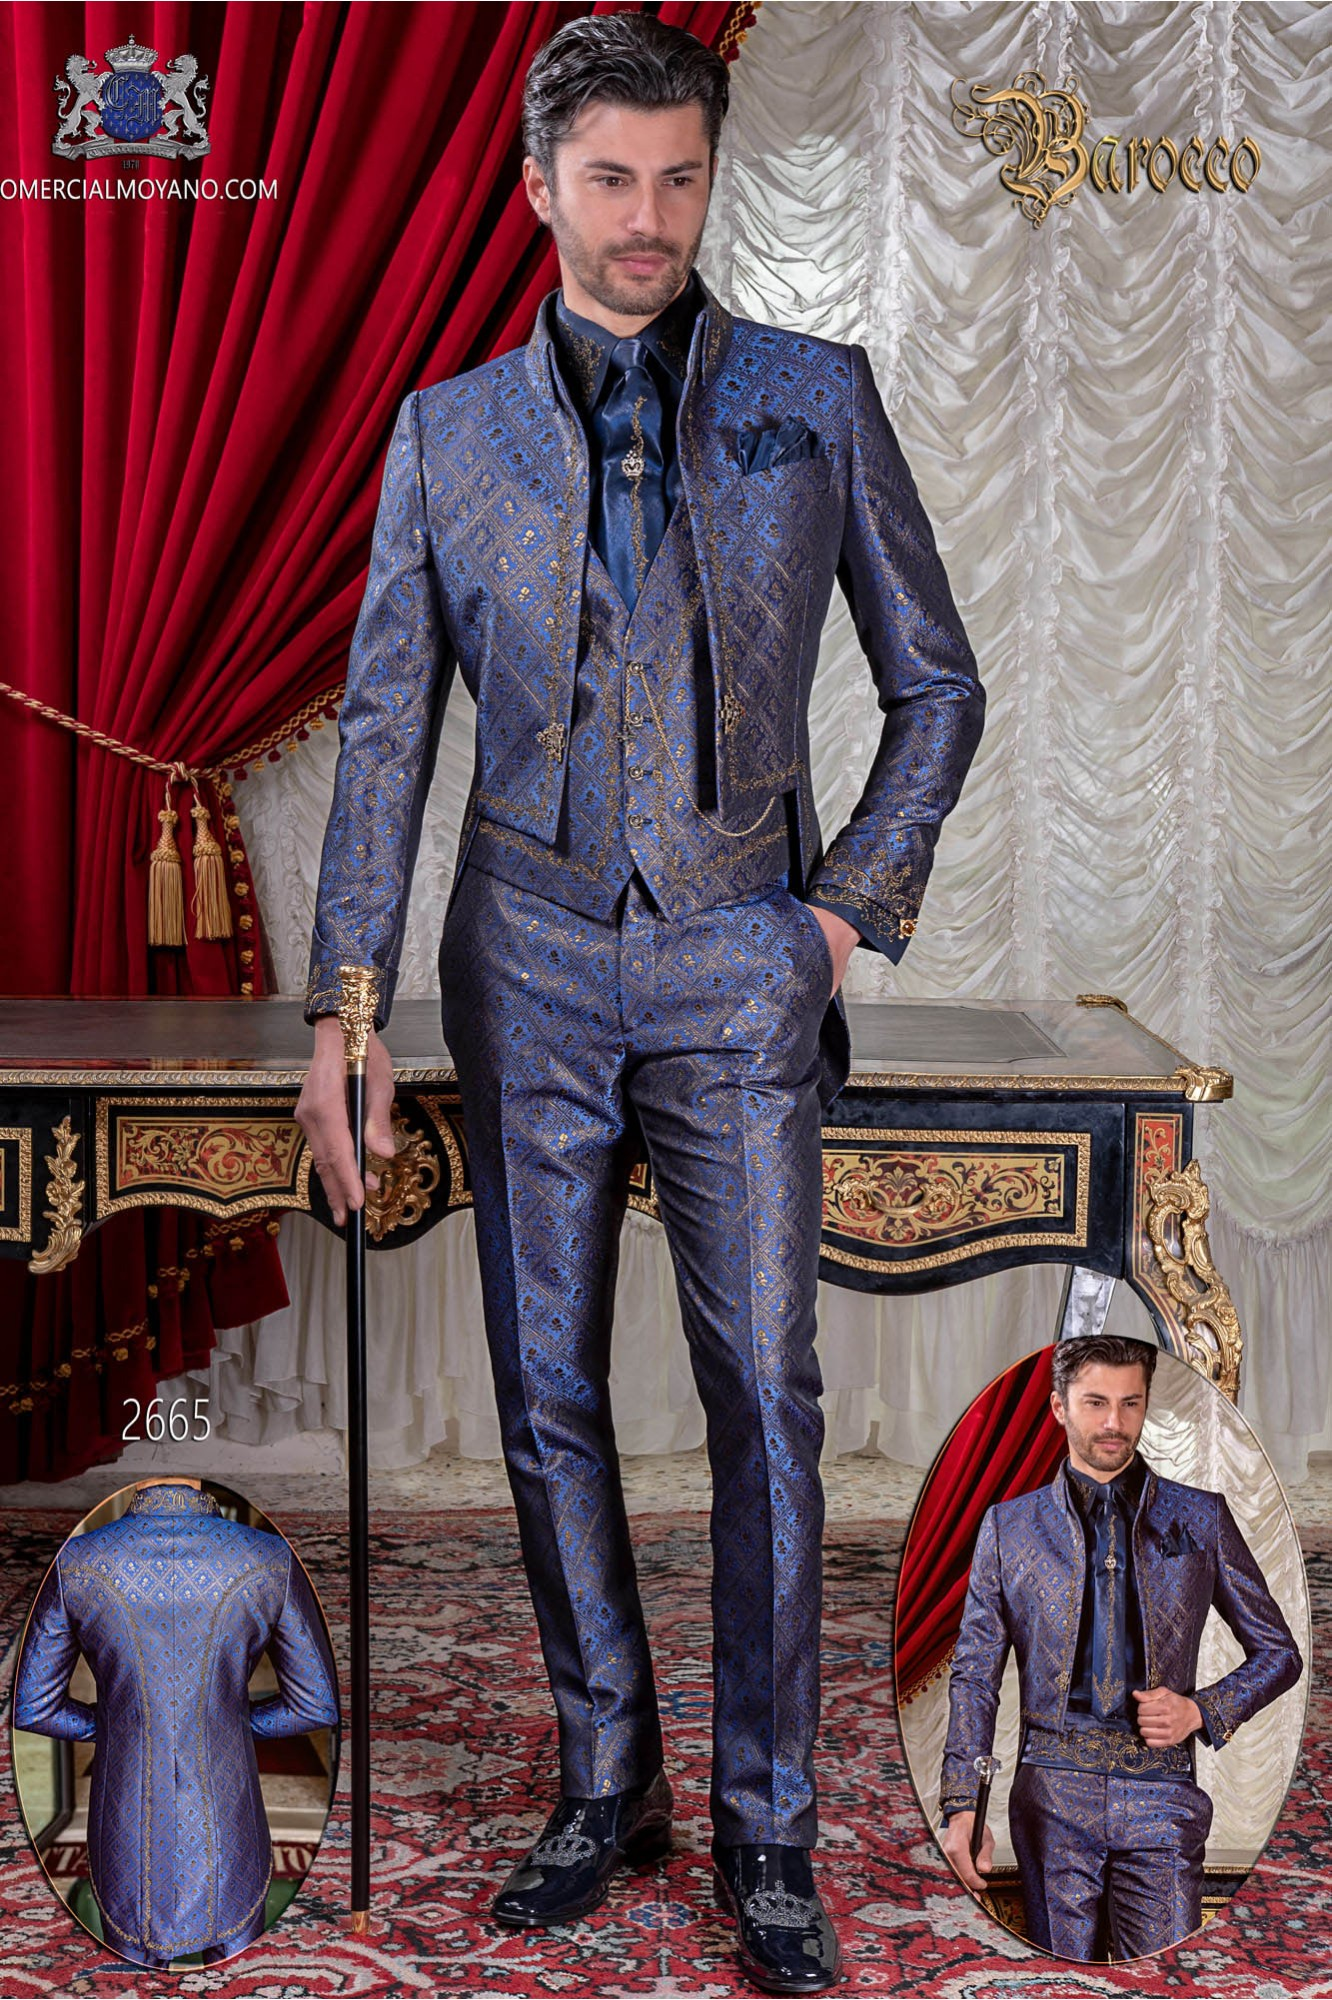 Traje de novio barroco, frac cuello Napoleón en tejido brocado azul-oro con bordados dorados